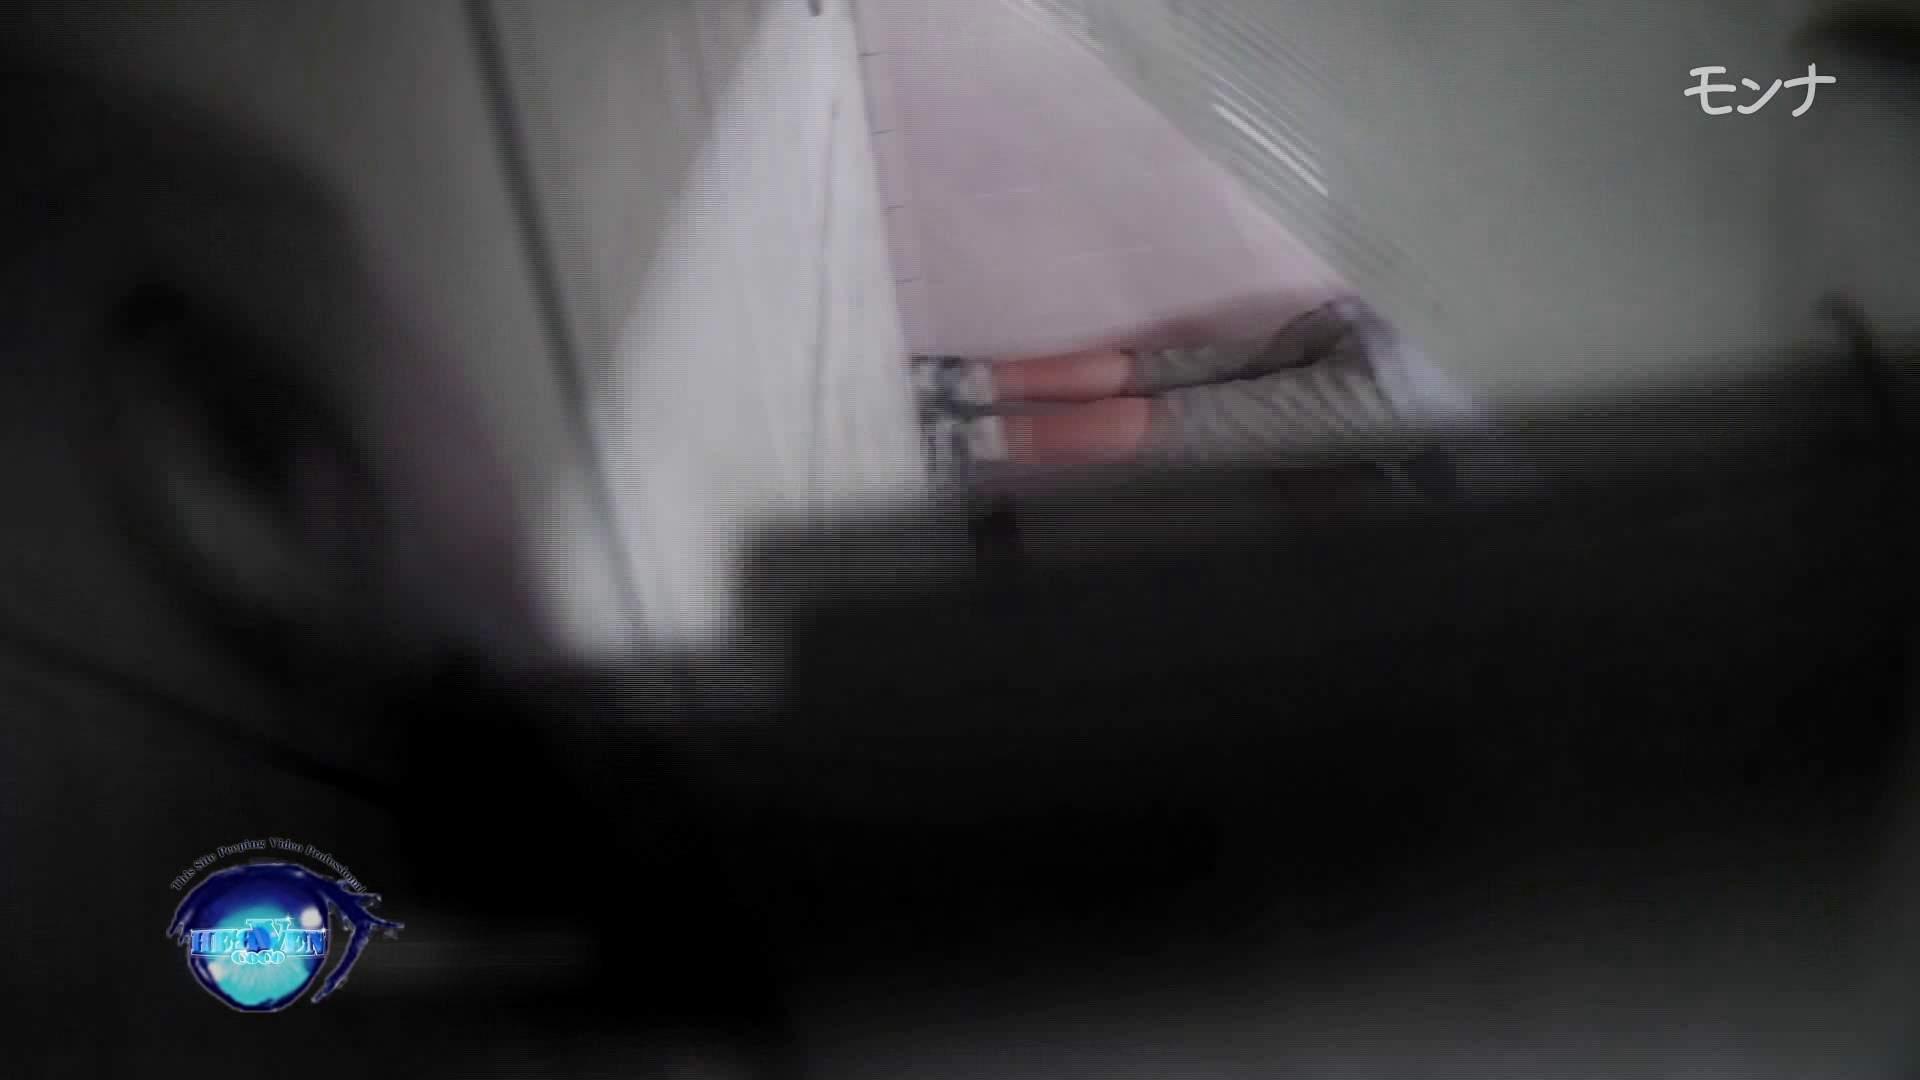 美しい日本の未来 No.96 盗撮 おまんこ無修正動画無料 75画像 38